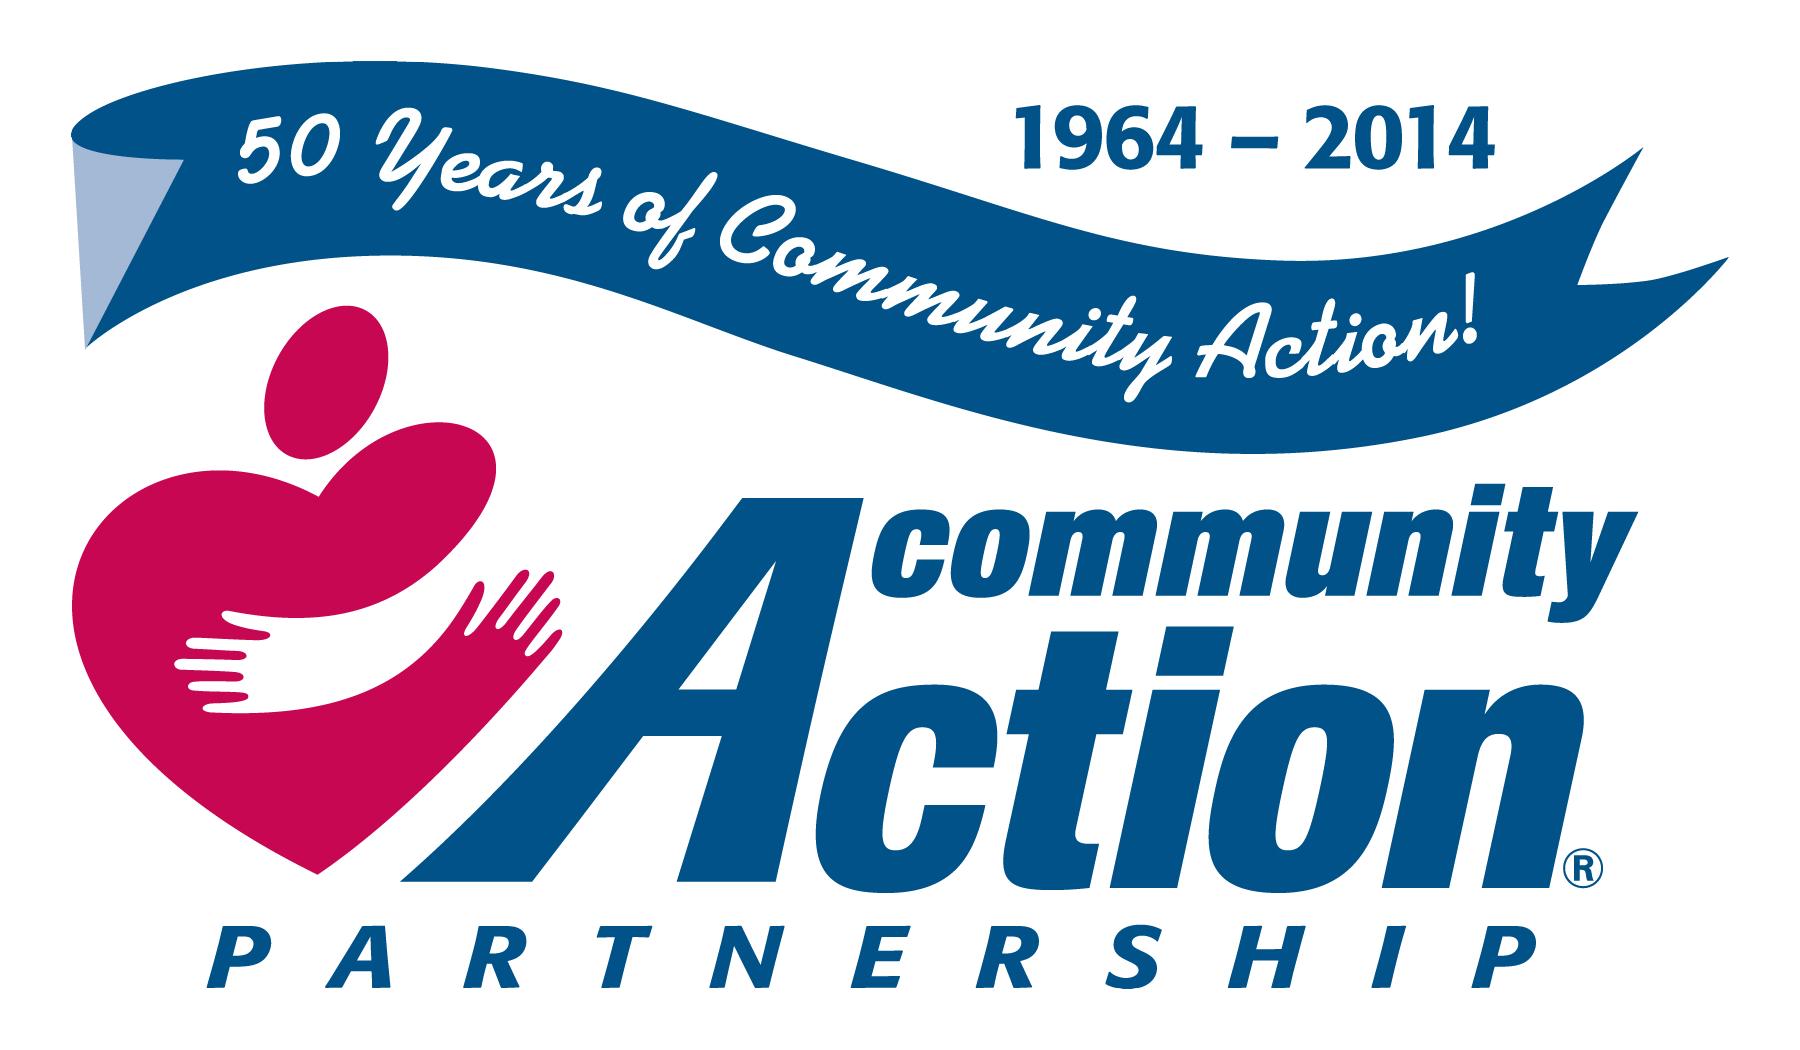 Community Action Partnership - Community Action Partnership